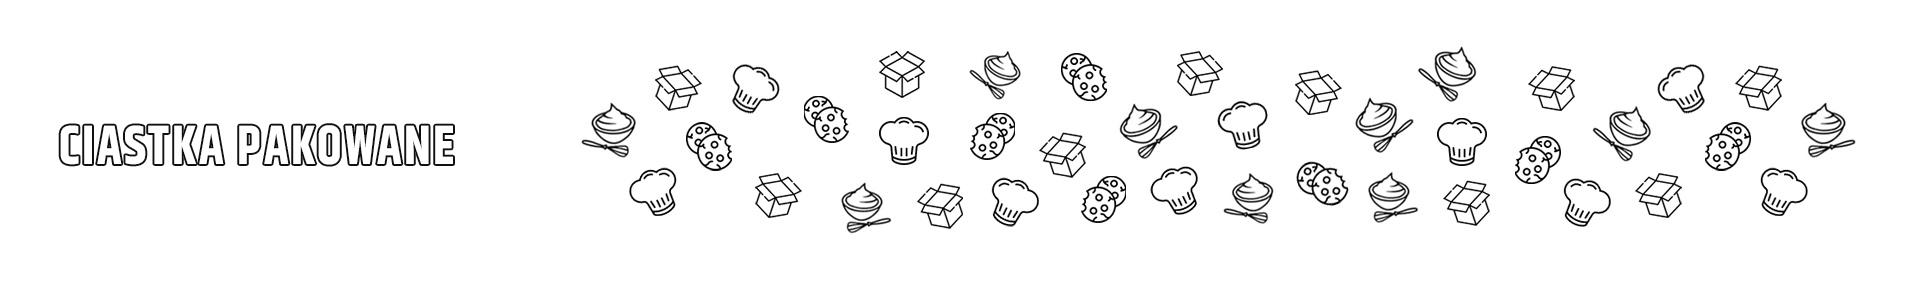 jiw ciastka pakowane